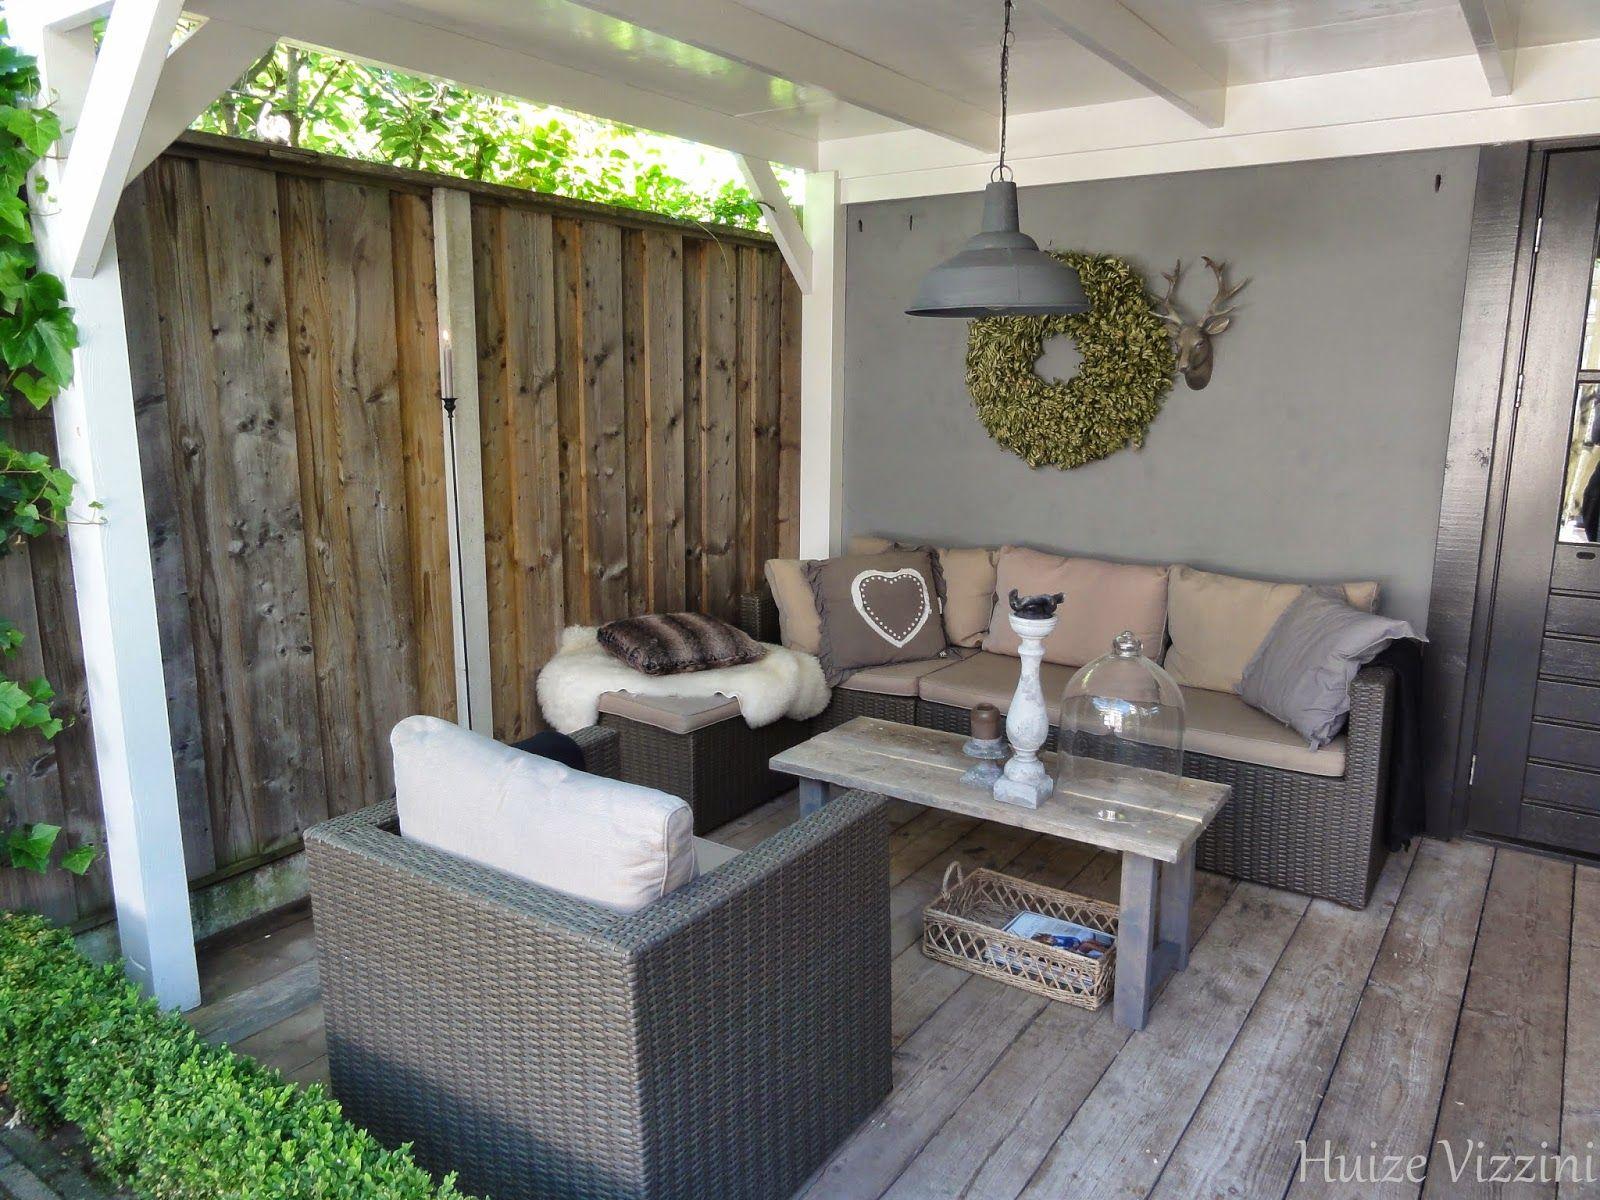 Mazztuinmeubelen inspiratie decoratie styling terras overkapping pergola tuin garden for Terras decoratie